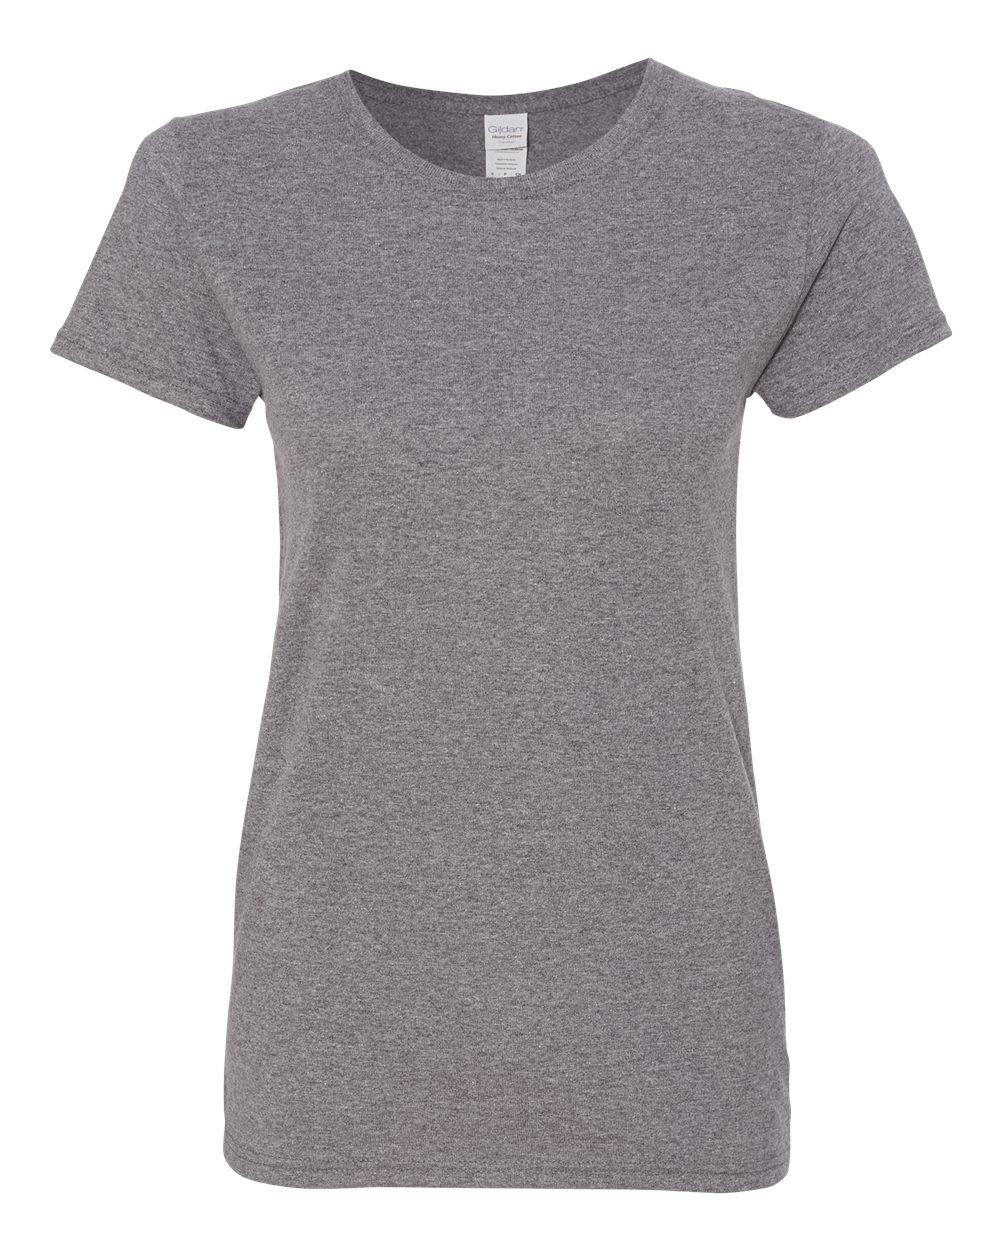 (ギルダン) Gildan メンズ ヘビーコットン 半袖Tシャツ トップス カットソー 定番 男性用 B01AMLCTN2 4L|グレーヘザー(graphite heather) グレーヘザー(graphite heather) 4L